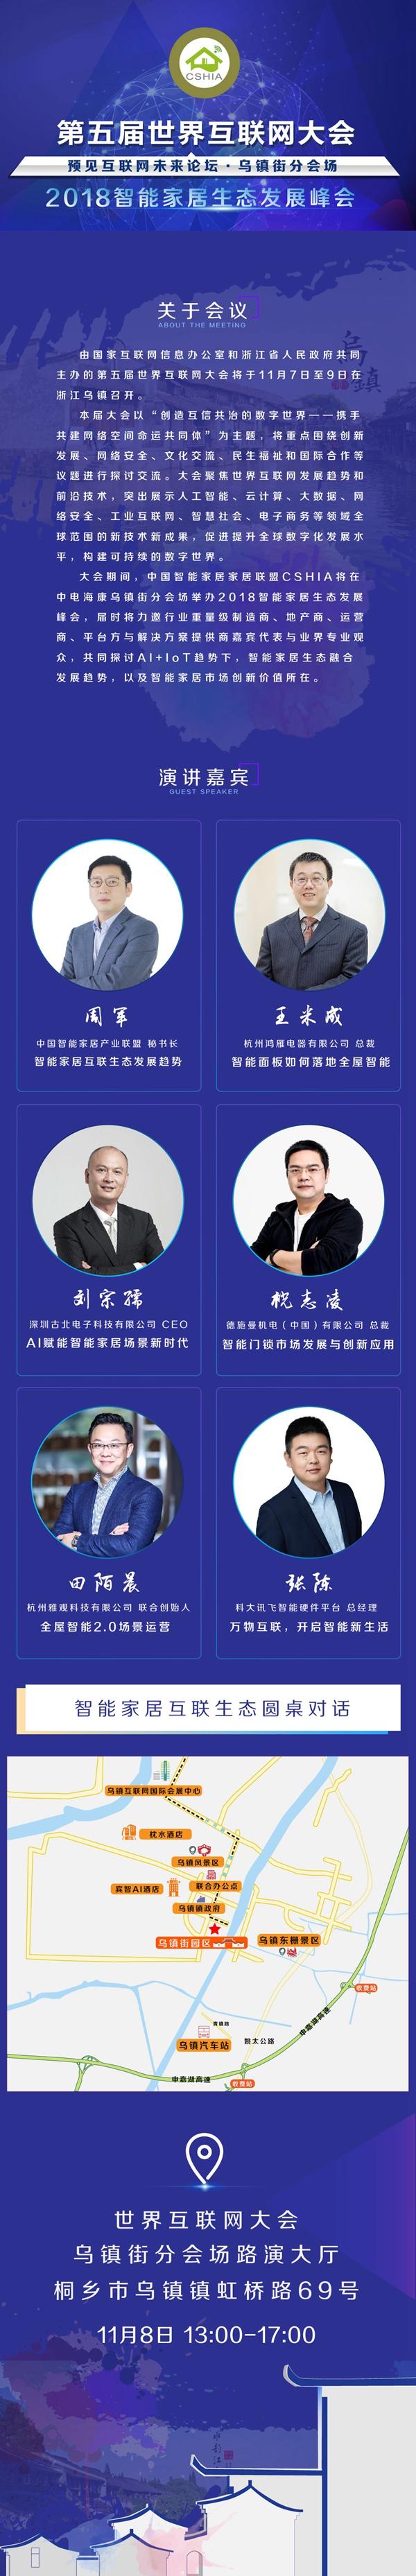 wuzhen2018102904